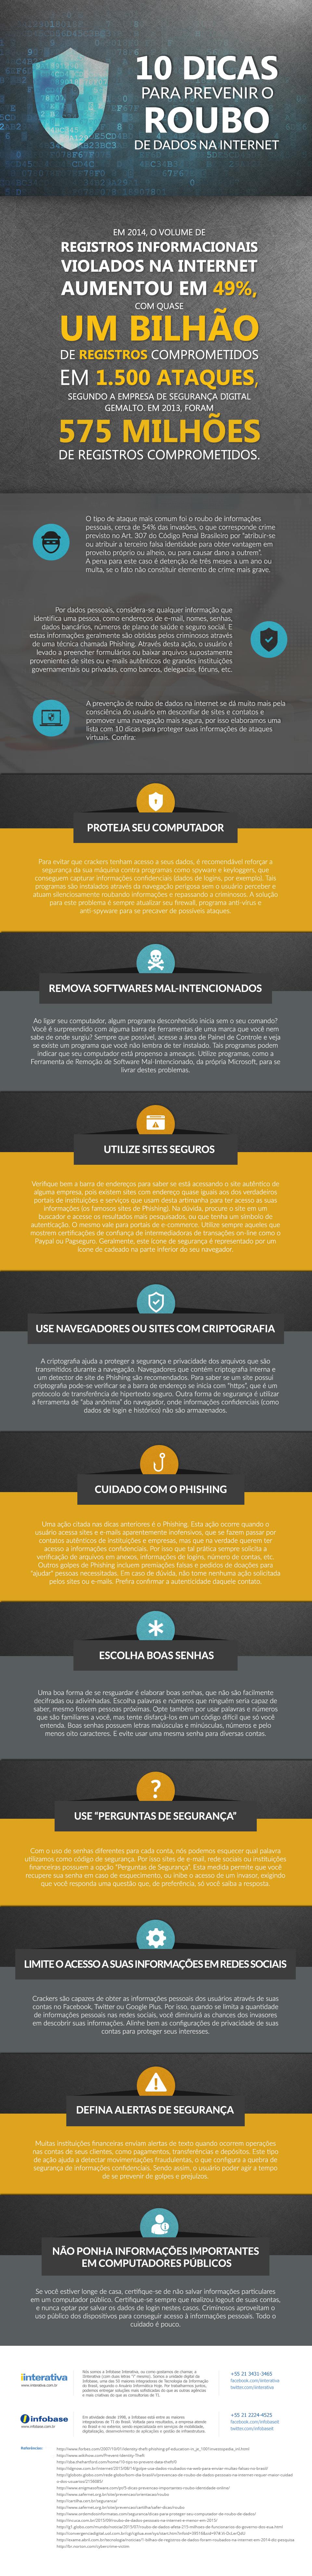 Infográfico traz 10 dicas de como proteger seus dados na internet